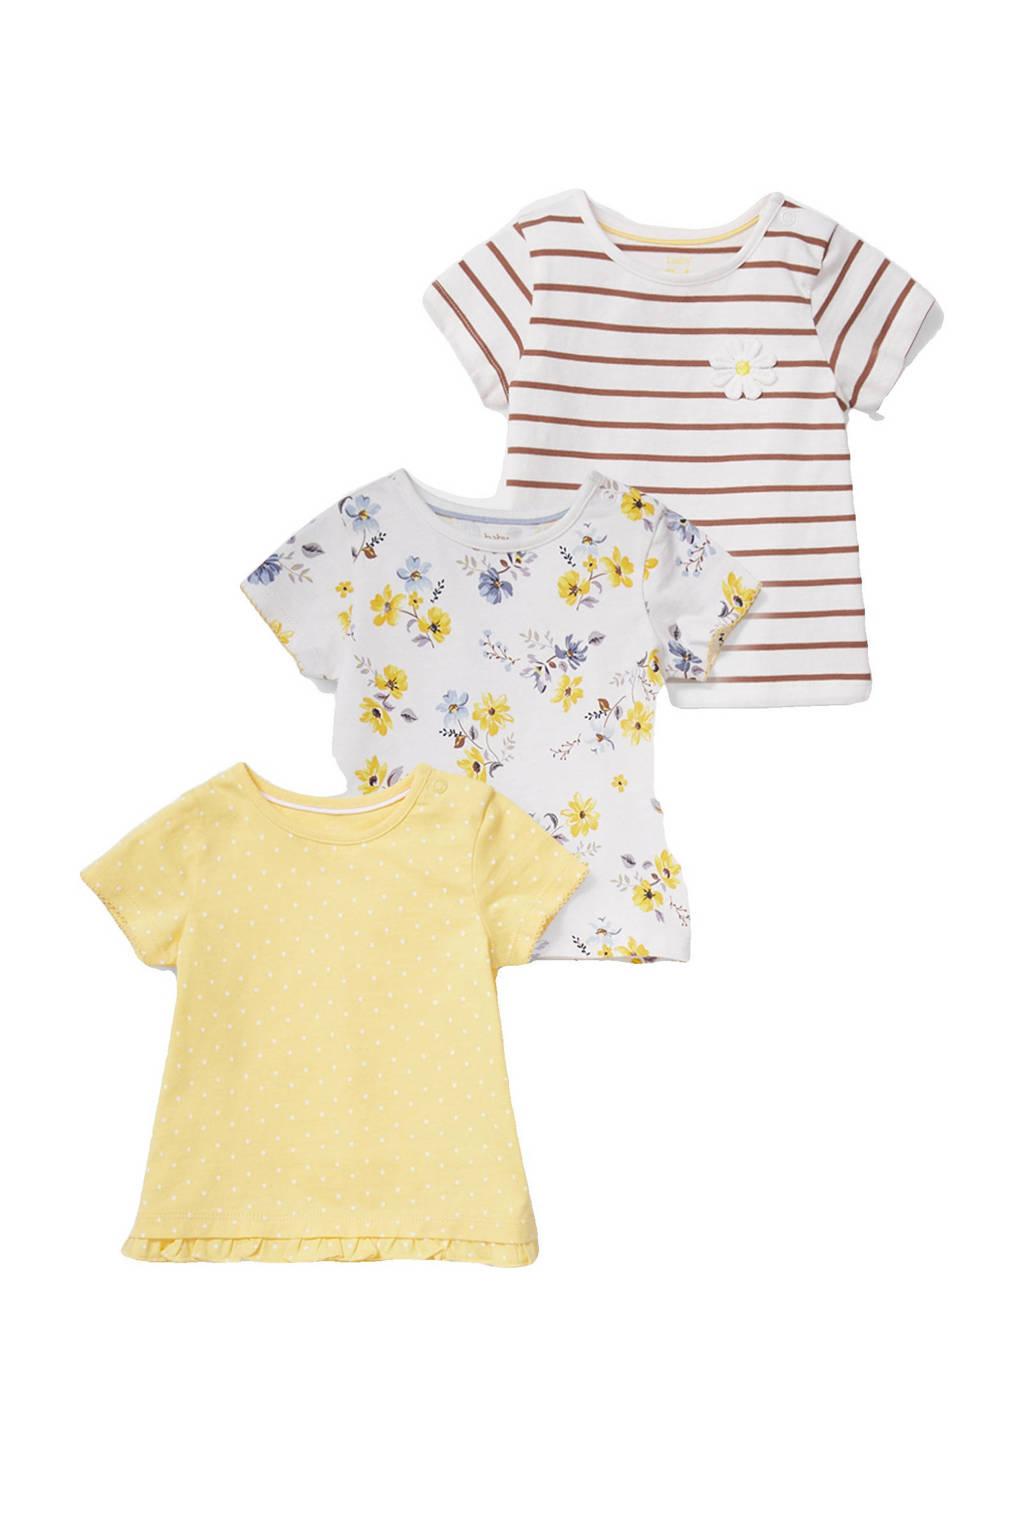 C&A Baby Club T-shirt - set van 3 all over print geel/wit/bruin, Geel/wit/bruin